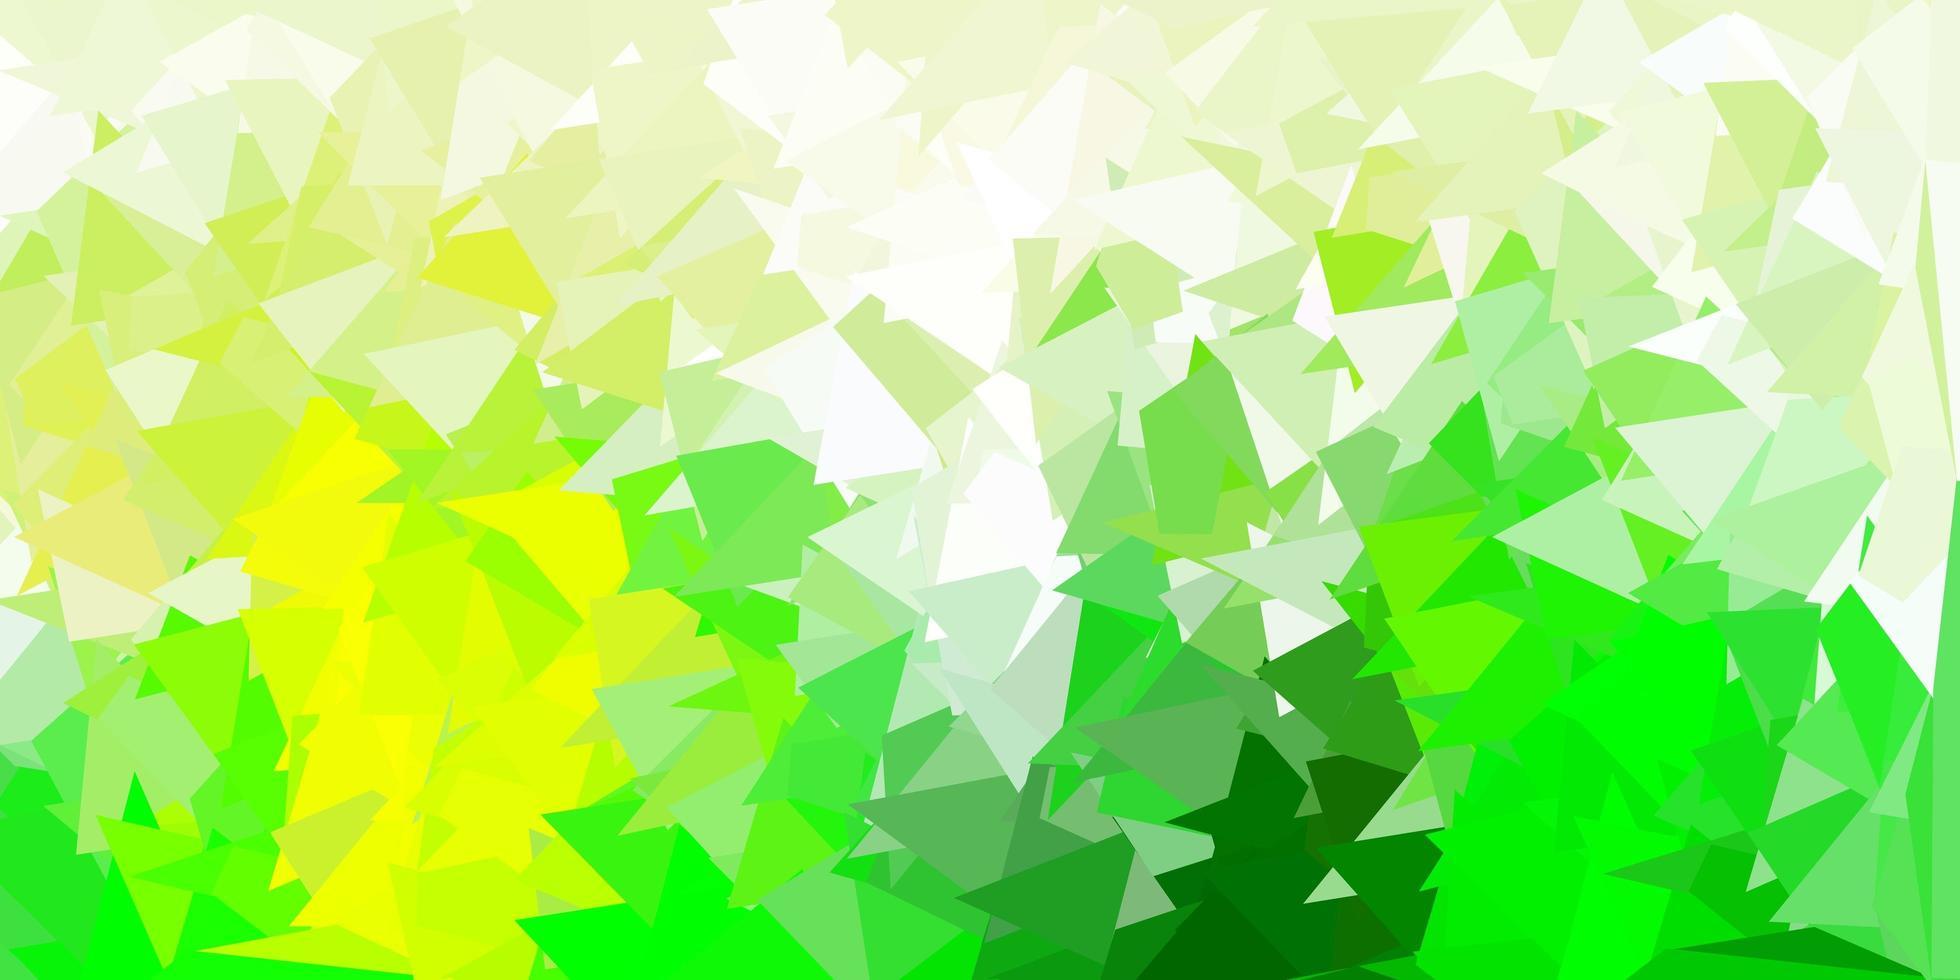 ljusgrön, gul vektor abstrakt triangelmall.